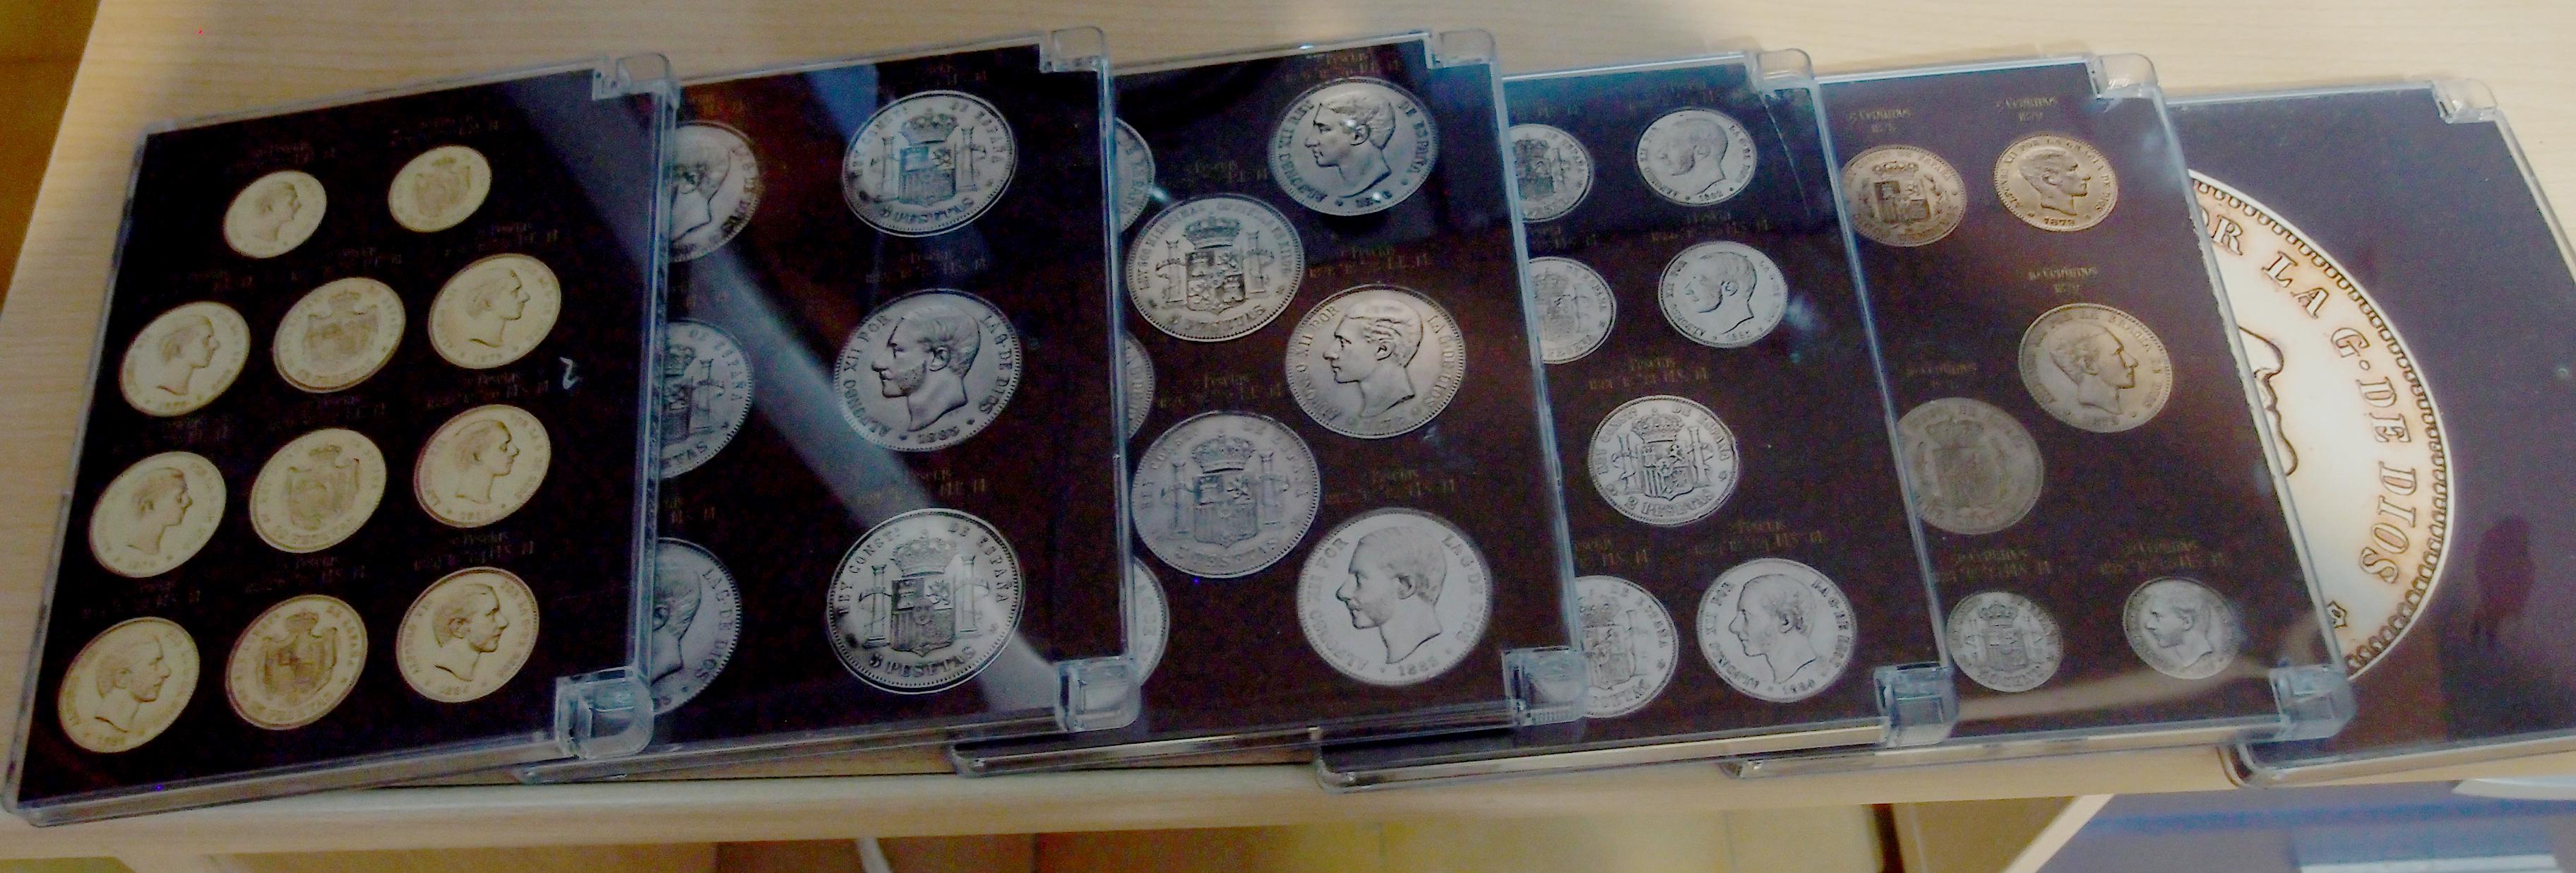 Coleccion Alfonso XII y Monetario 9057800582_11d576da2a_o